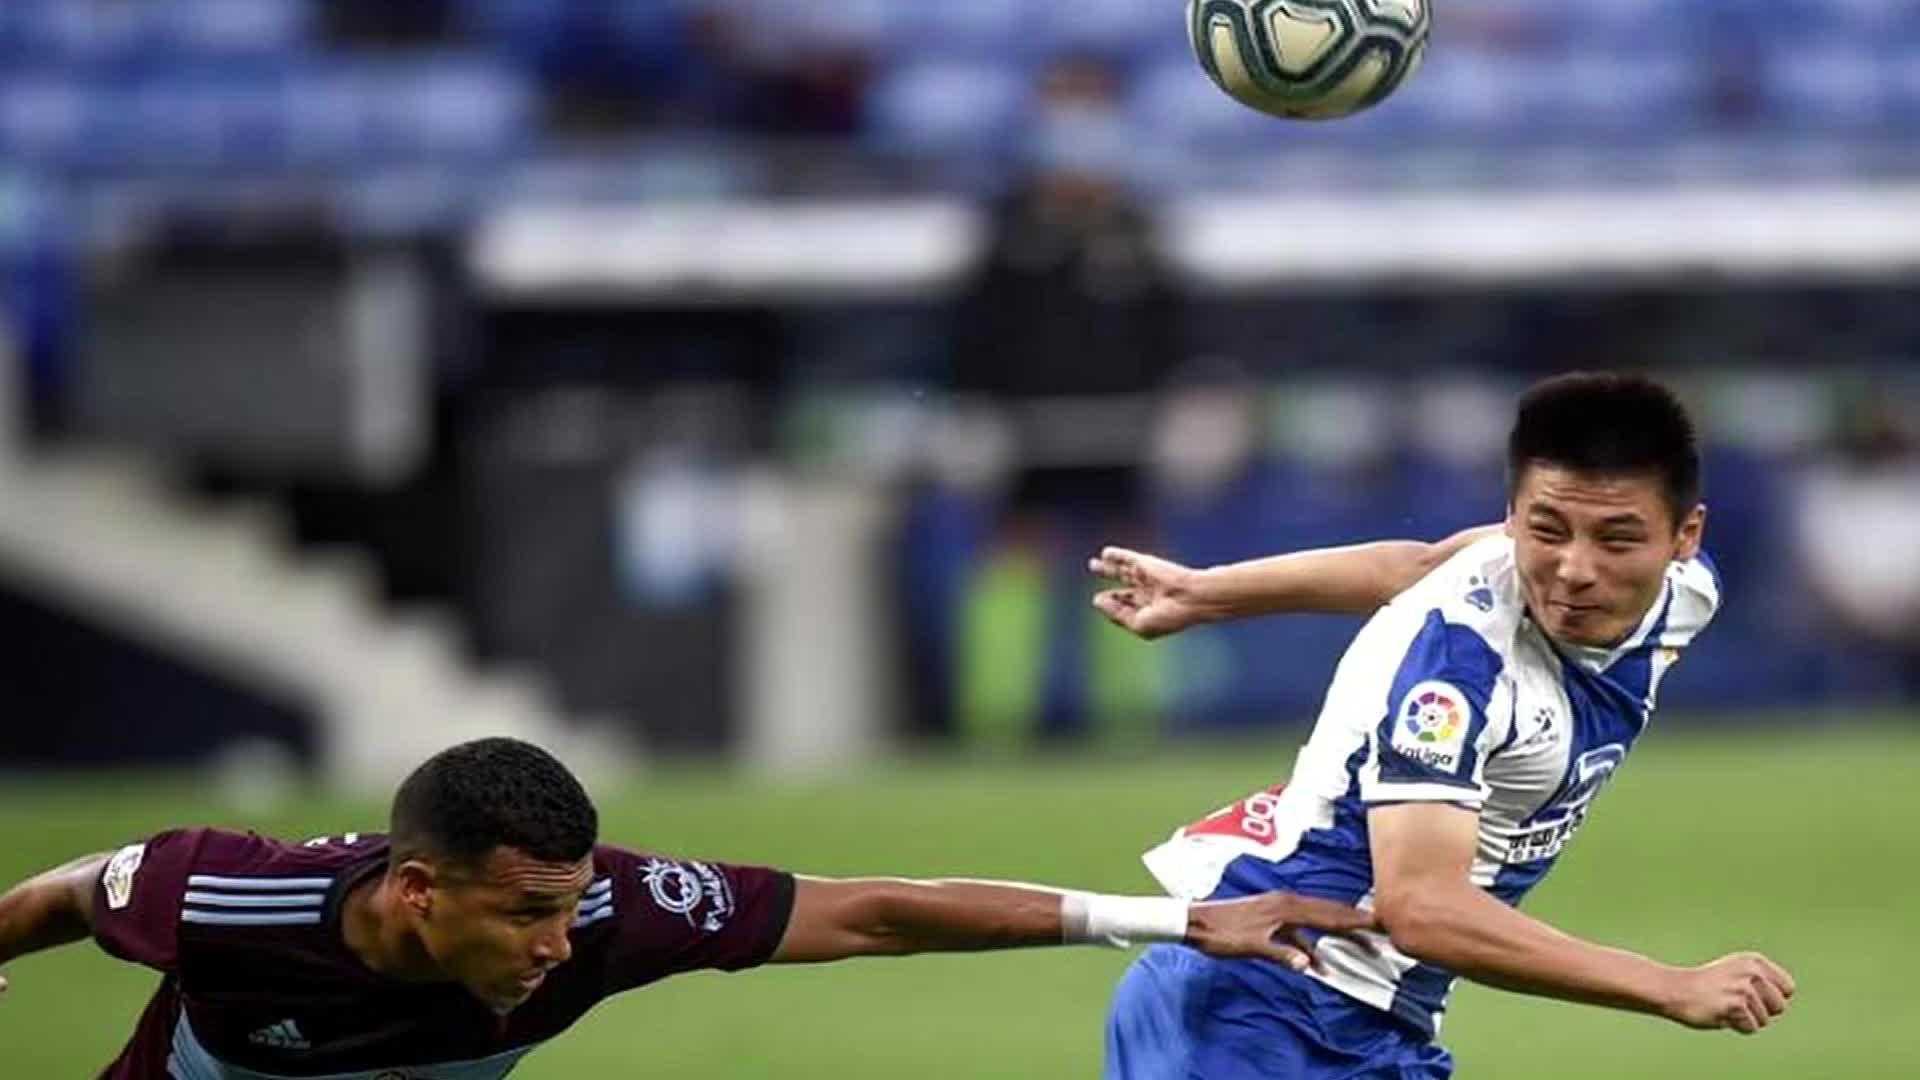 告别西甲!西班牙人平塞尔塔垫底降级 武磊出场49次进8球